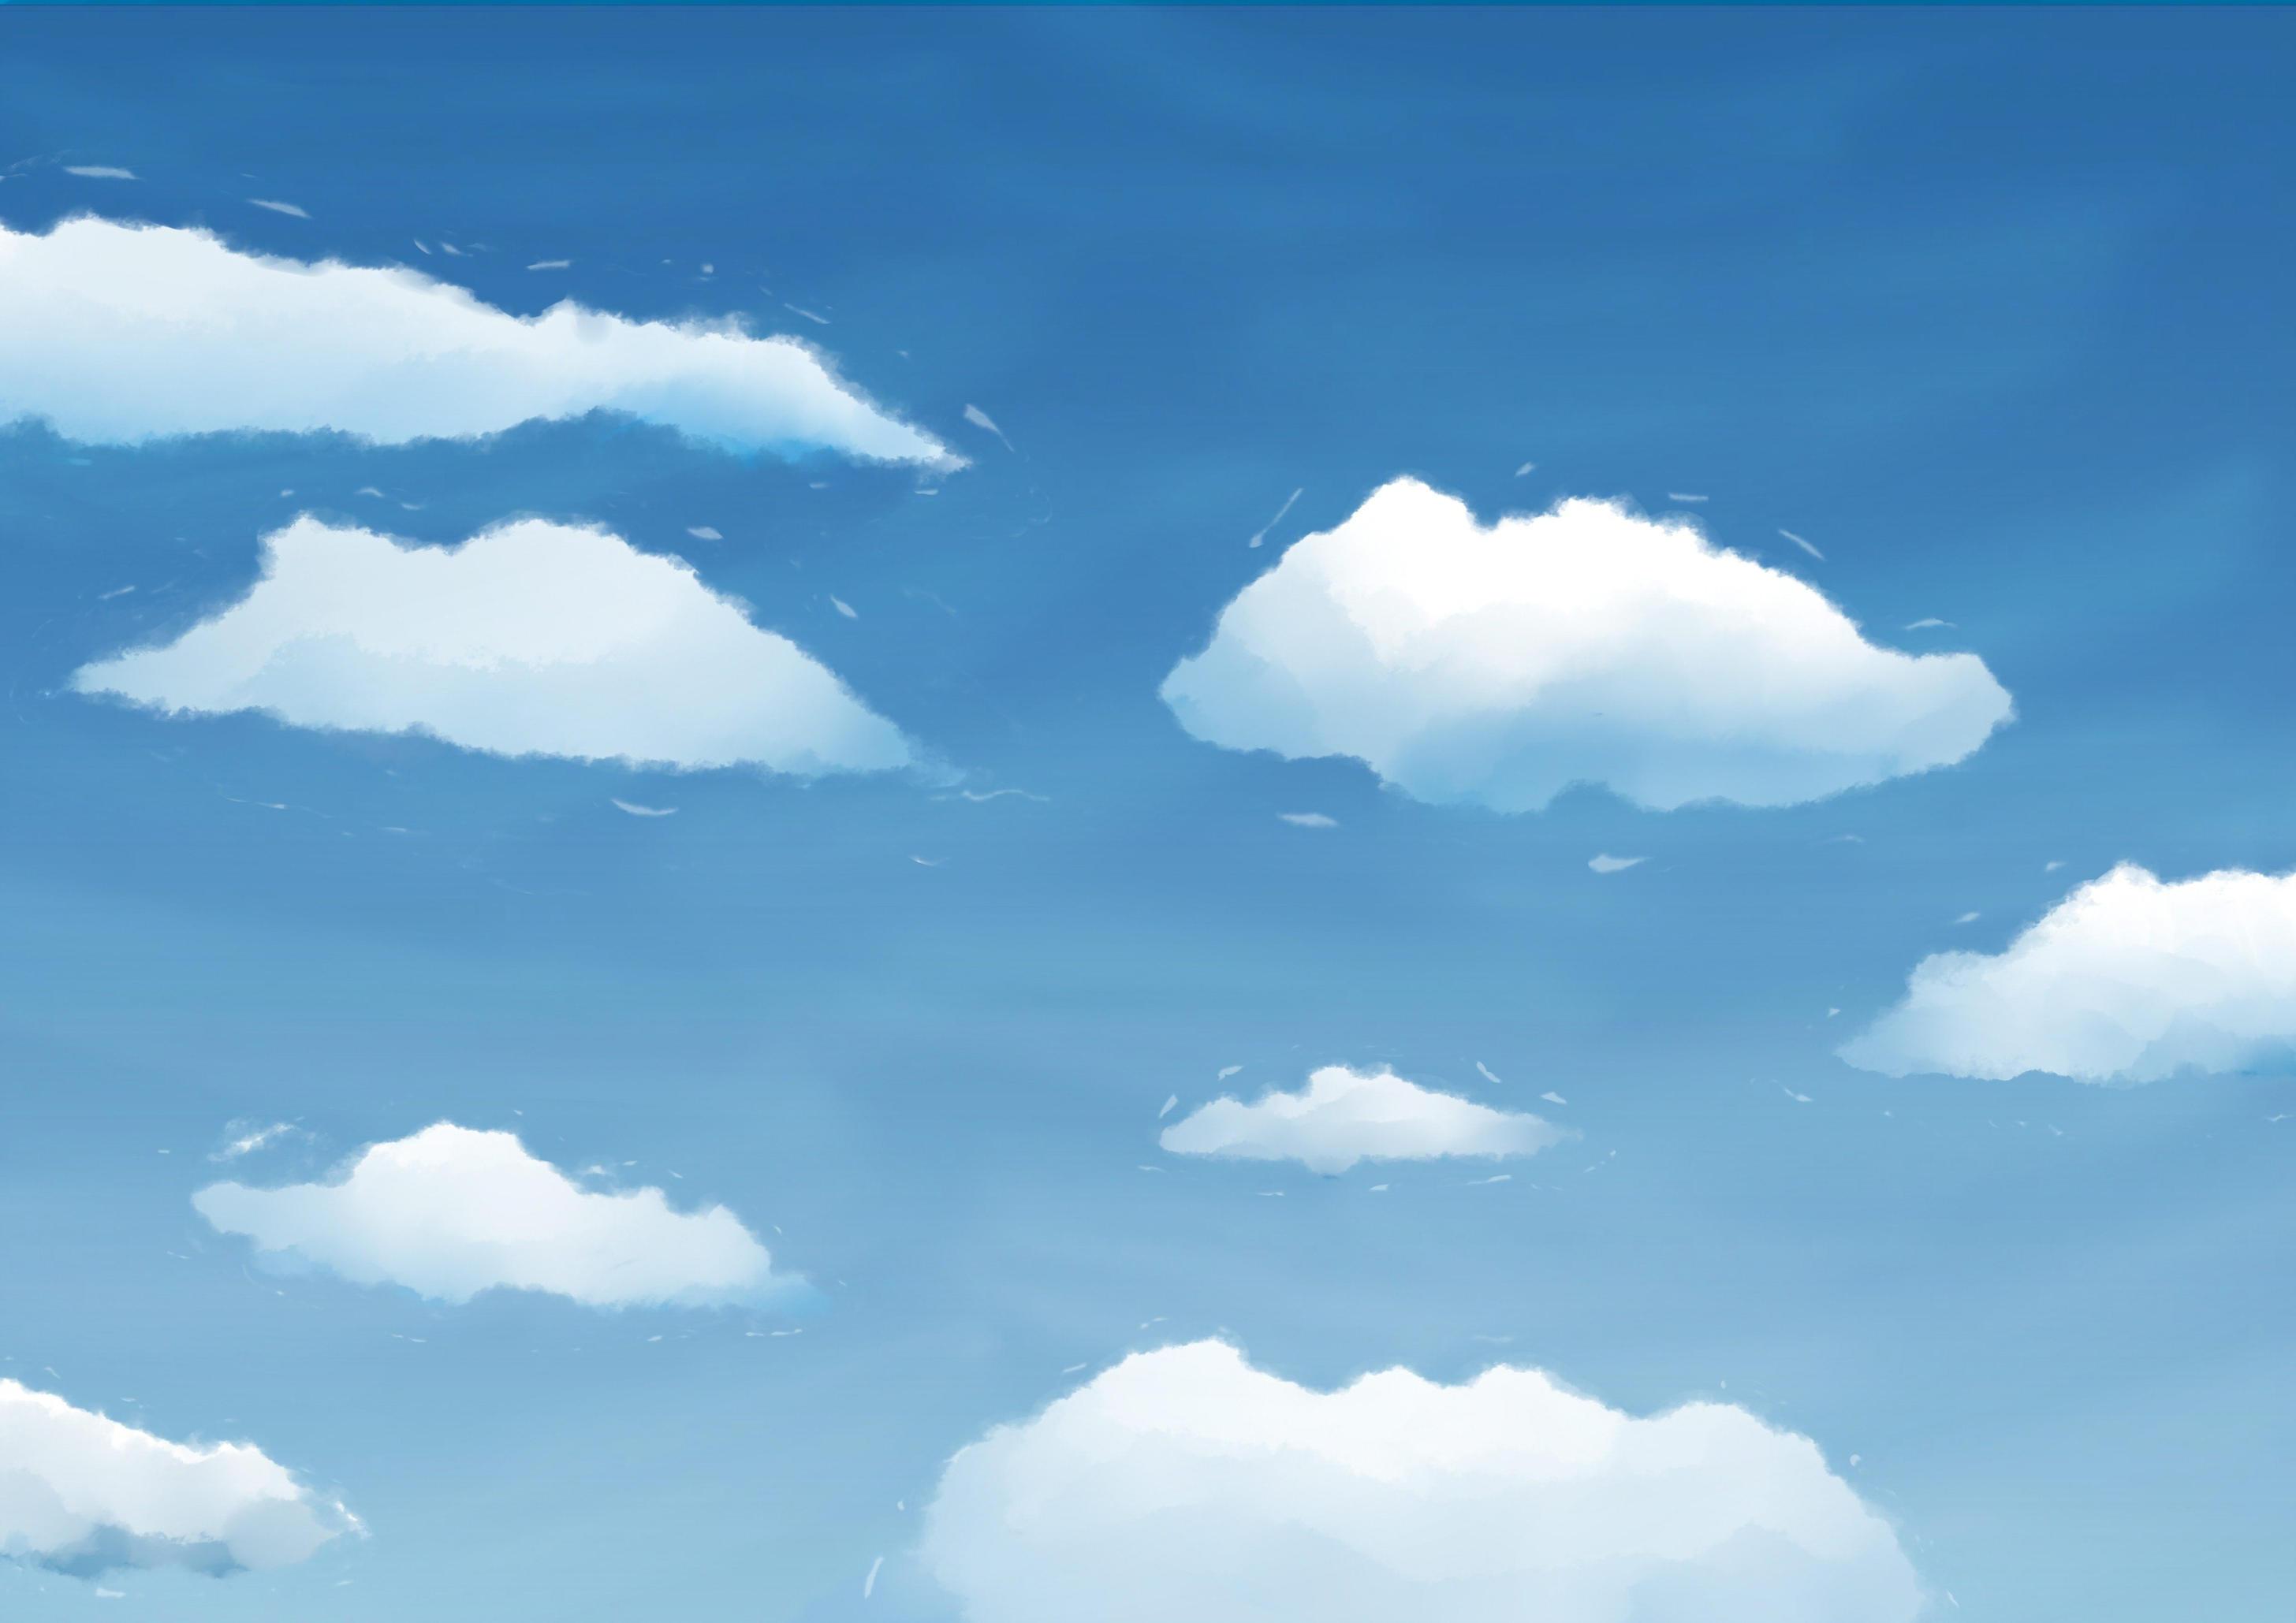 Clouds paint by Colorsark